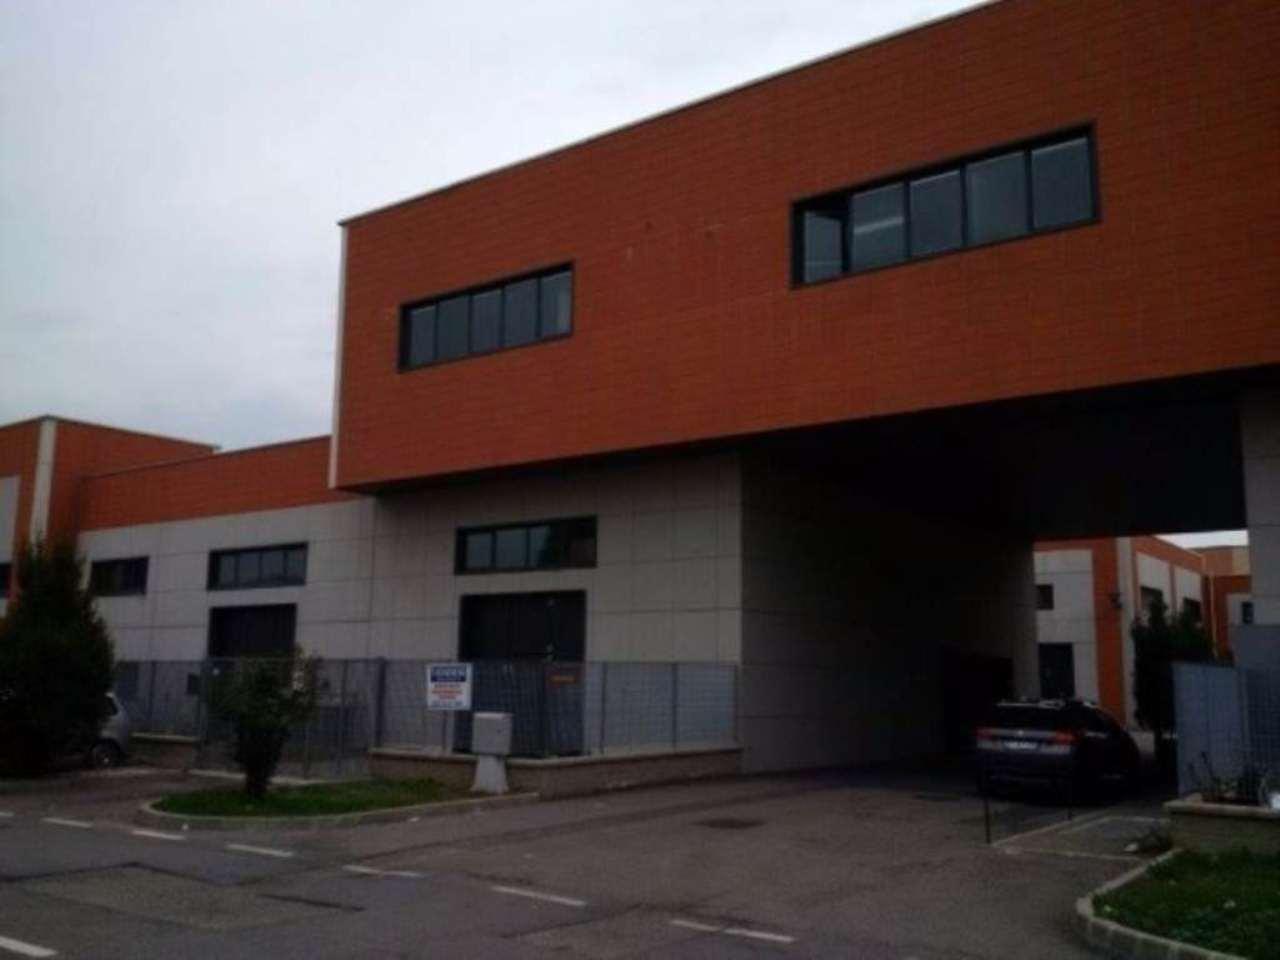 Capannone in vendita a San Genesio ed Uniti, 9999 locali, prezzo € 285.000 | Cambio Casa.it